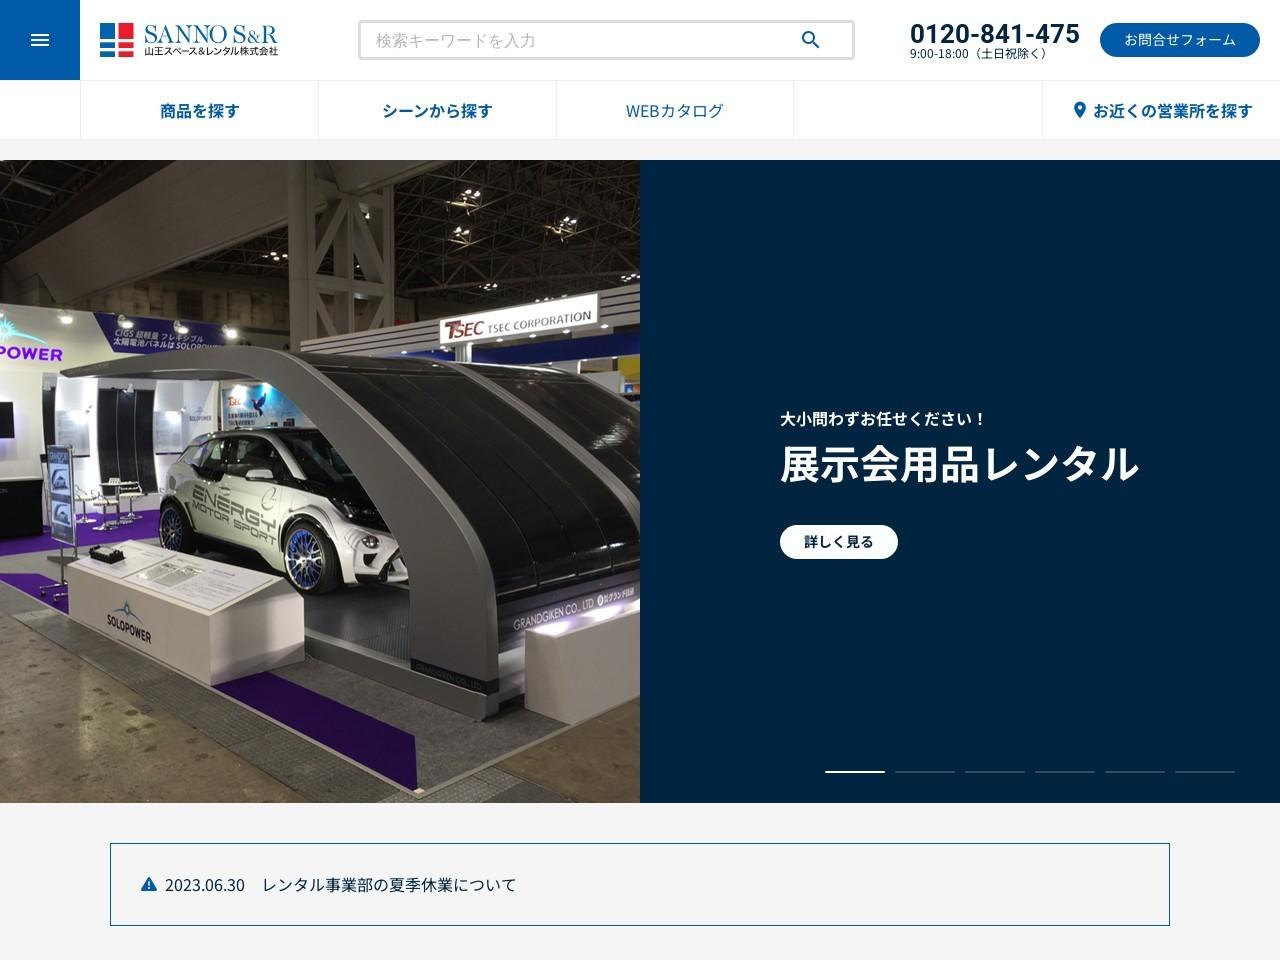 山王スペース&レンタル株式会社